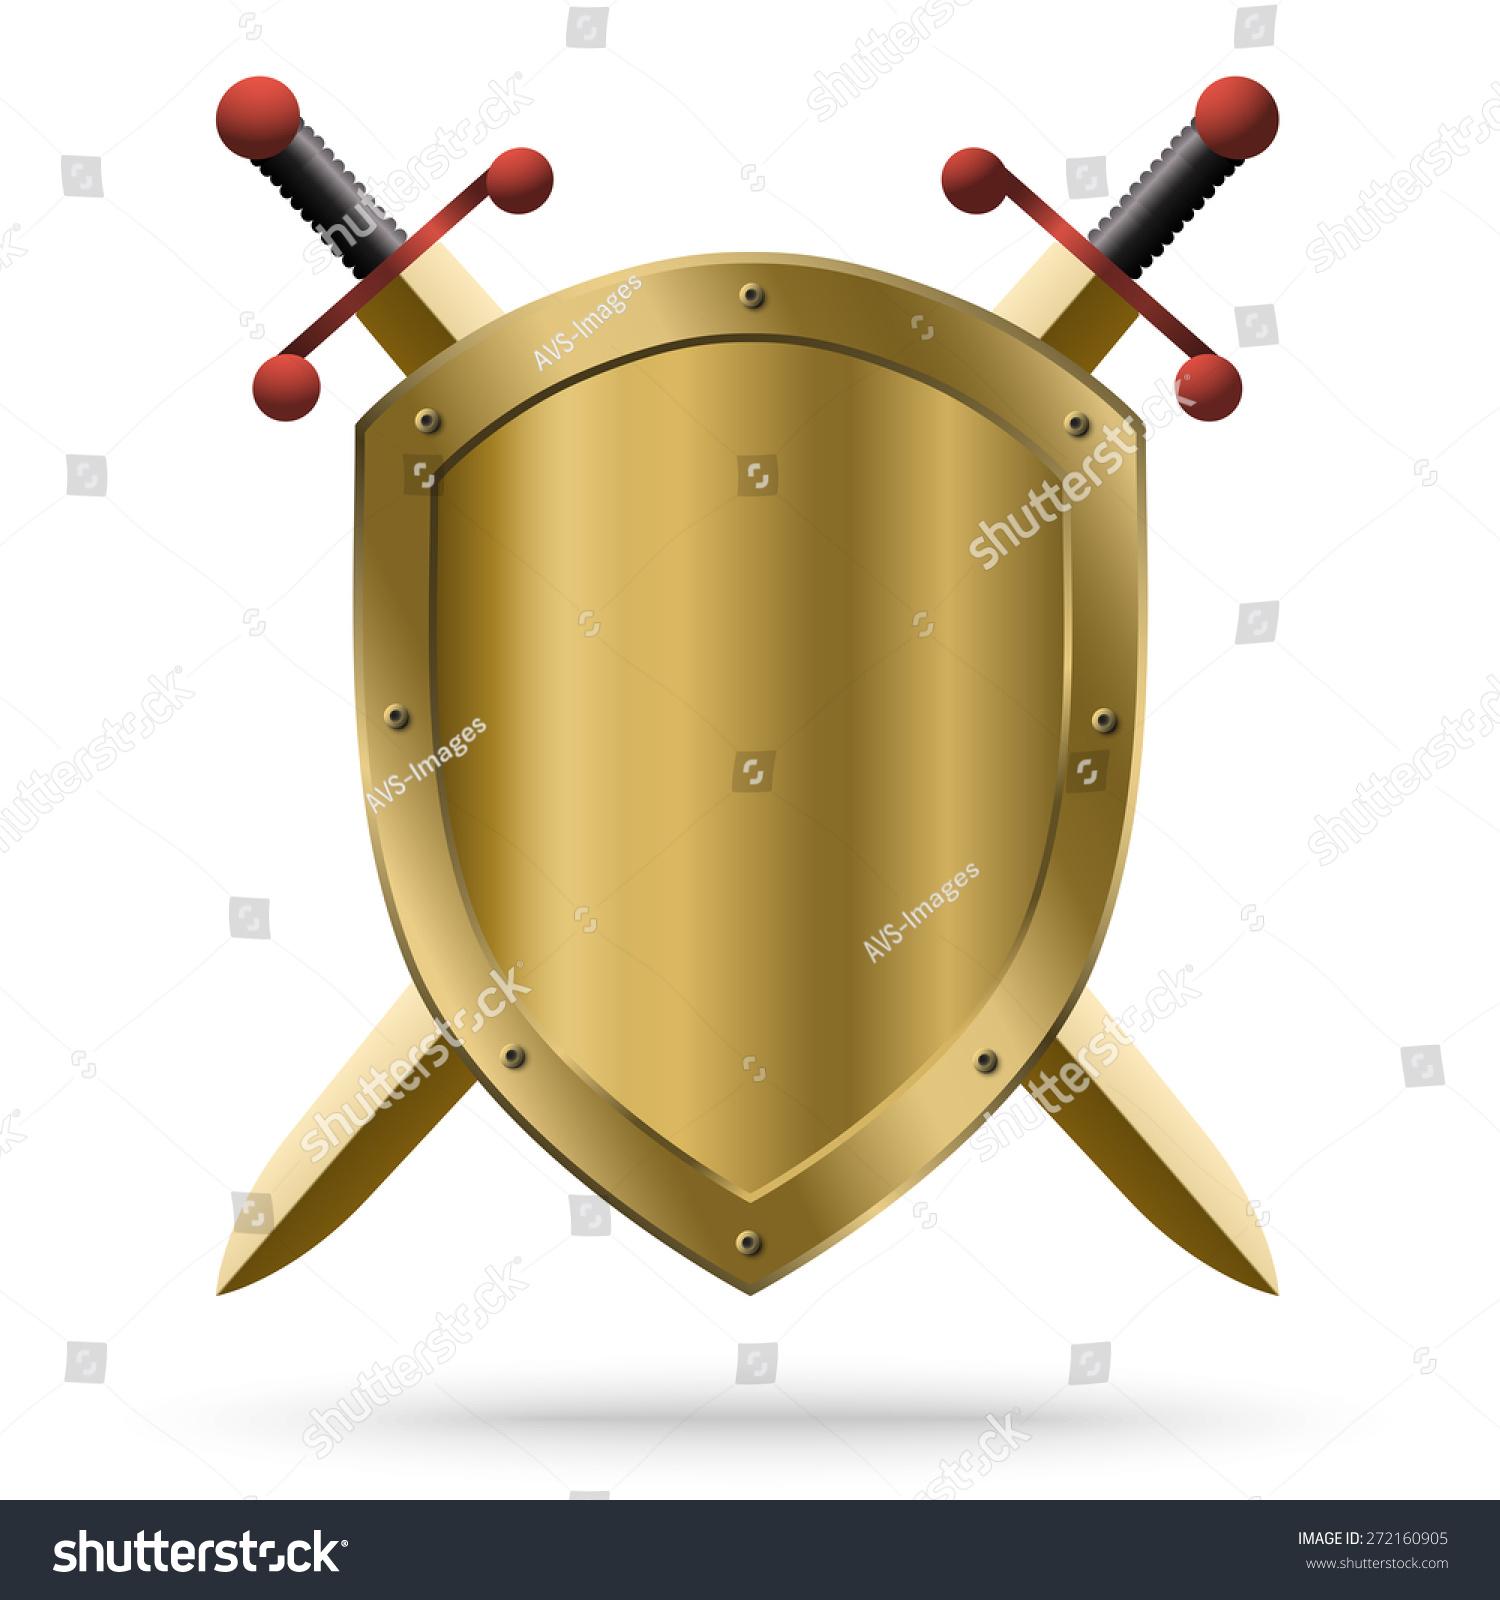 一把双刃剑金色剑和中世纪盾孤立在白色背景.保护的.图片